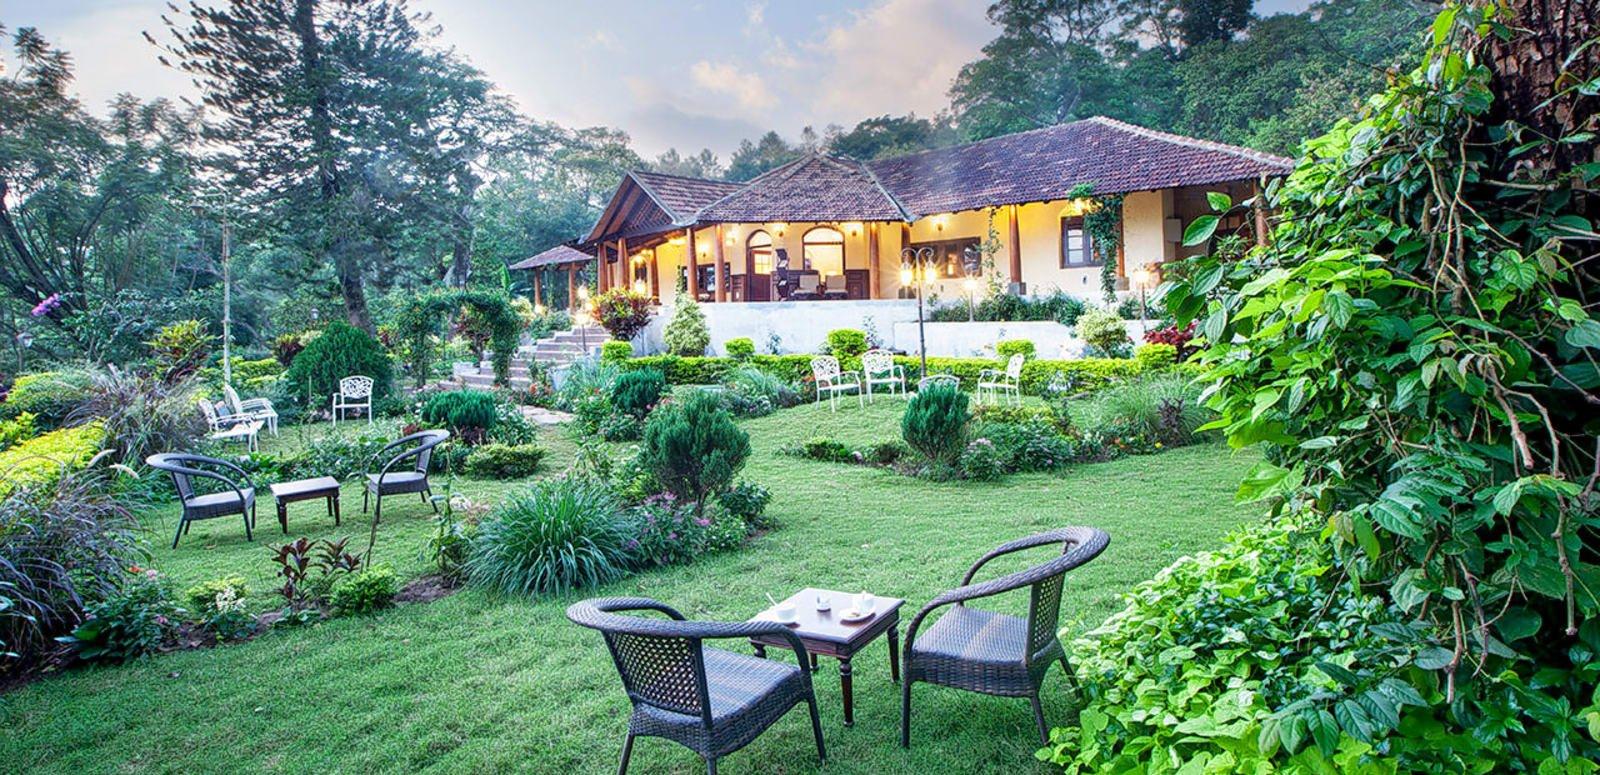 thiết kế quán cafe sân vườn đẹp 17